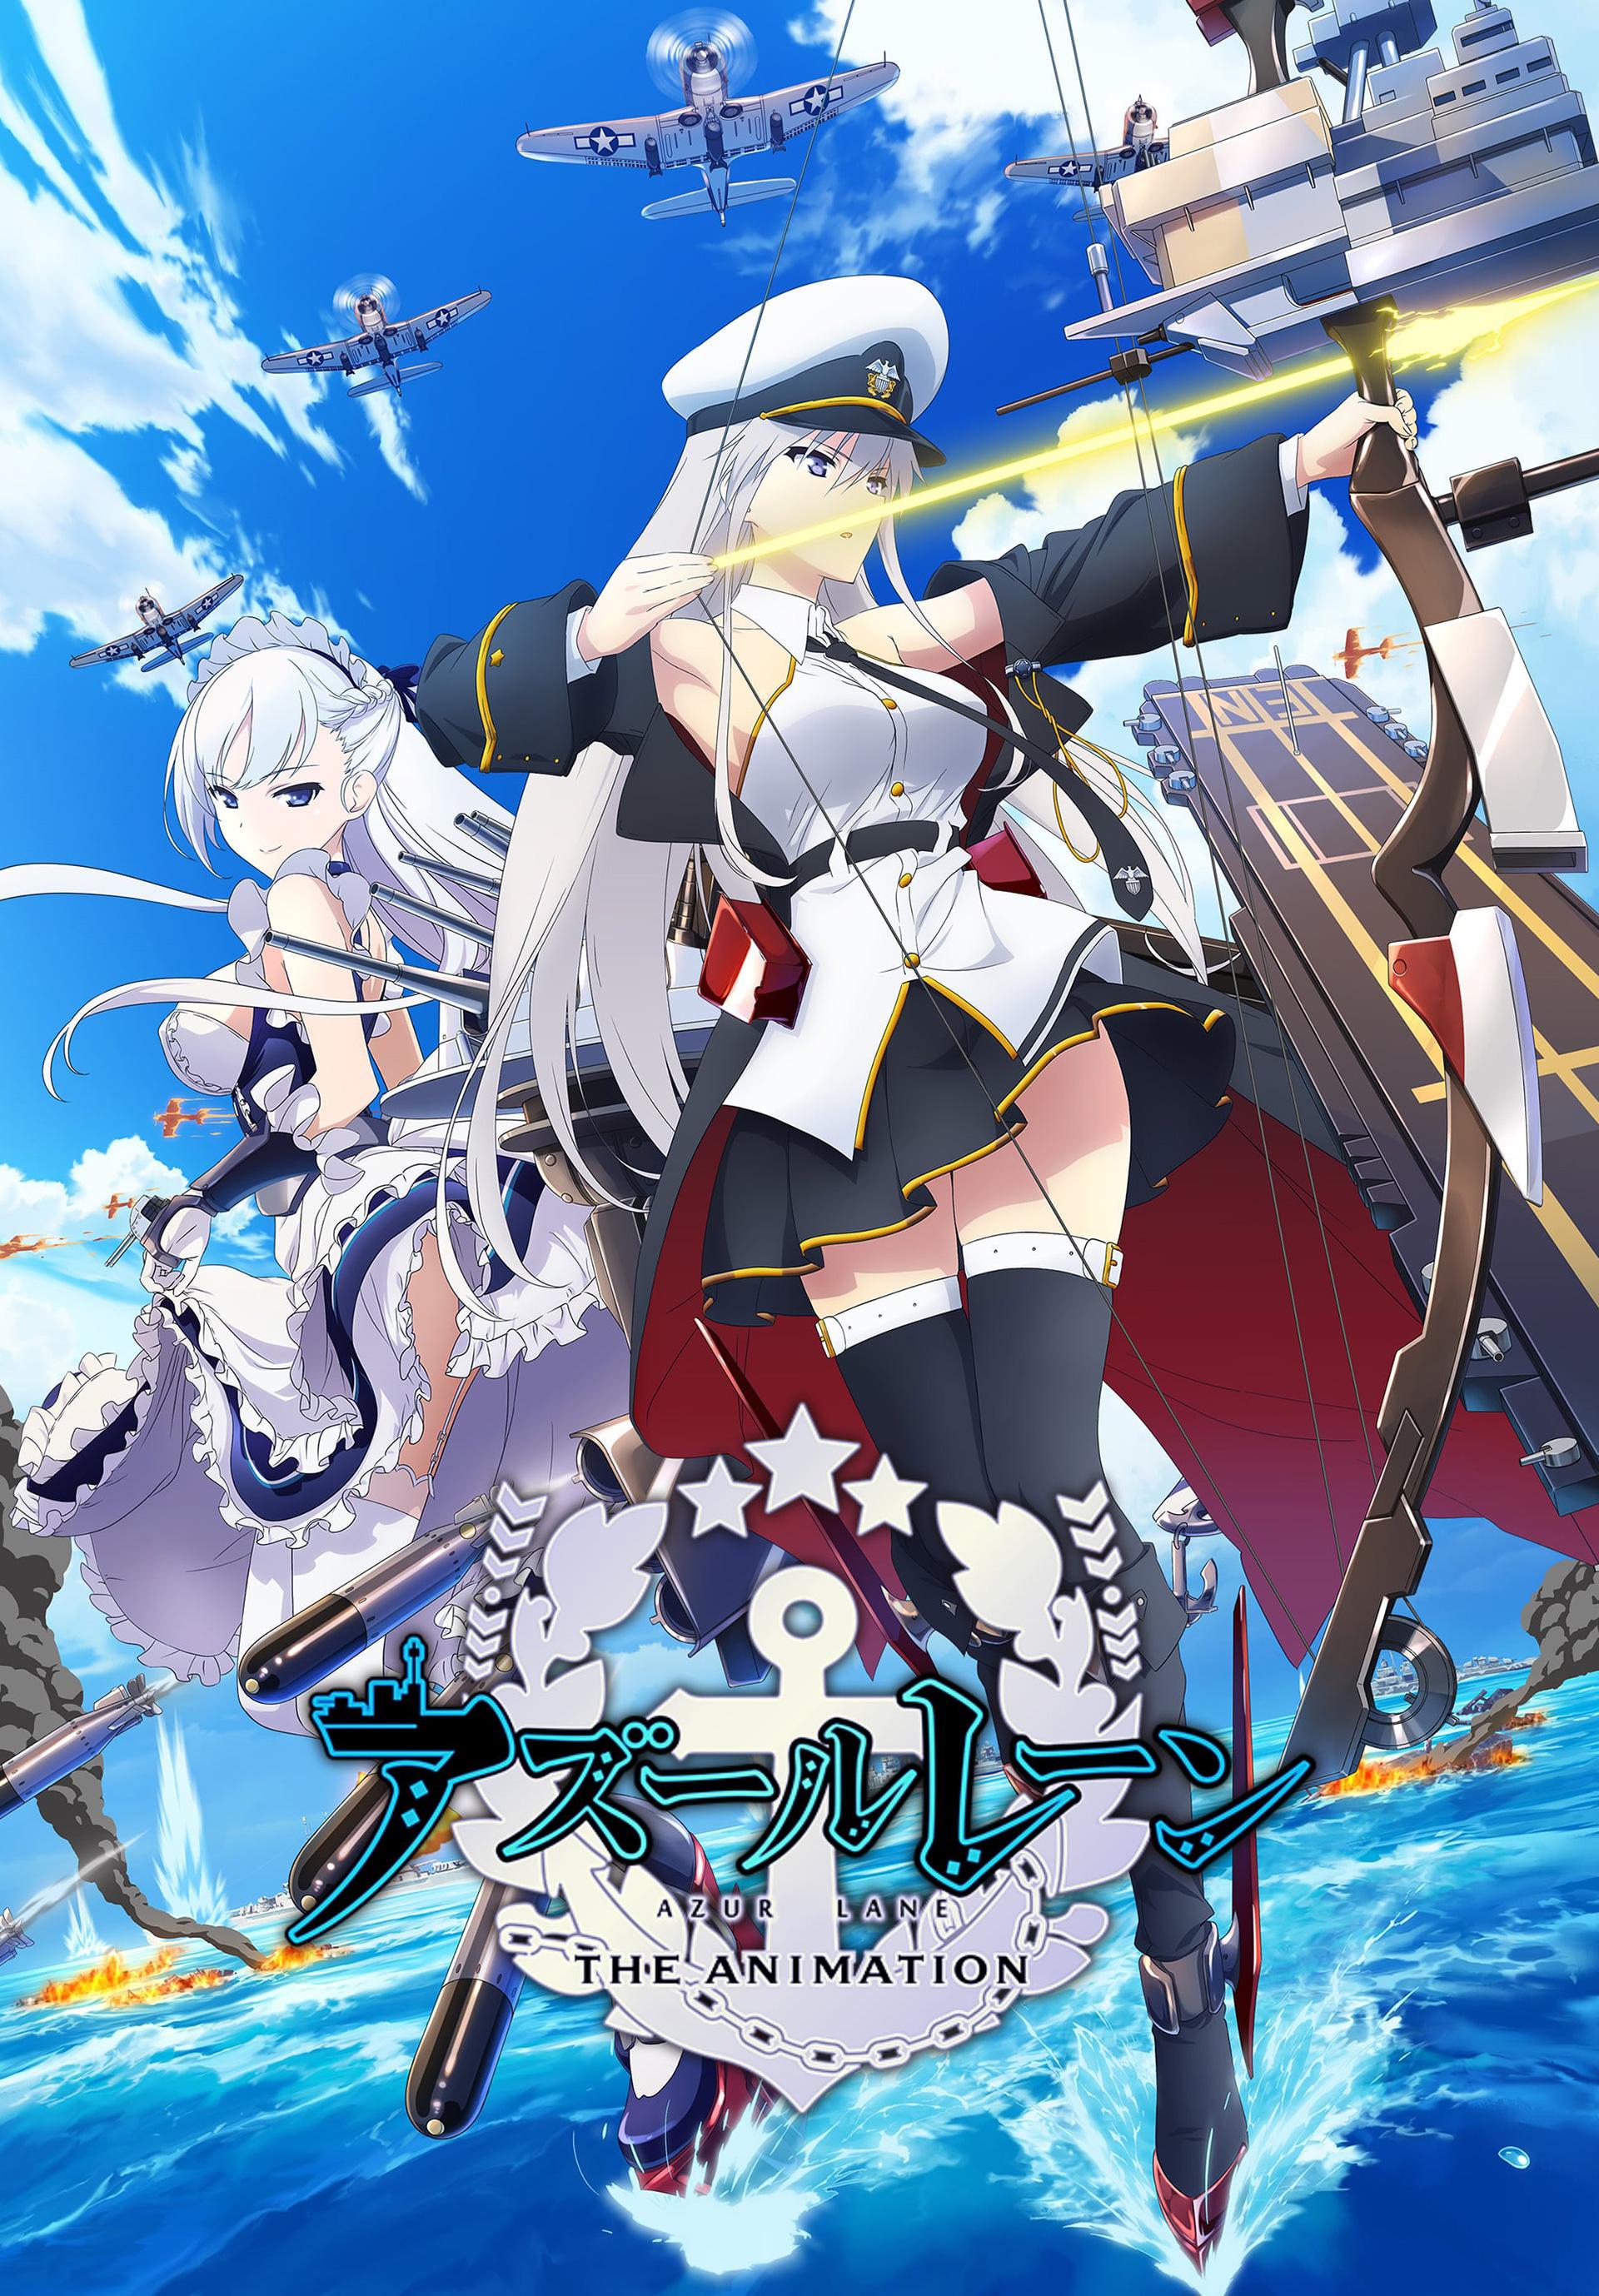 Imagem promocional da série anime de Azur Lane